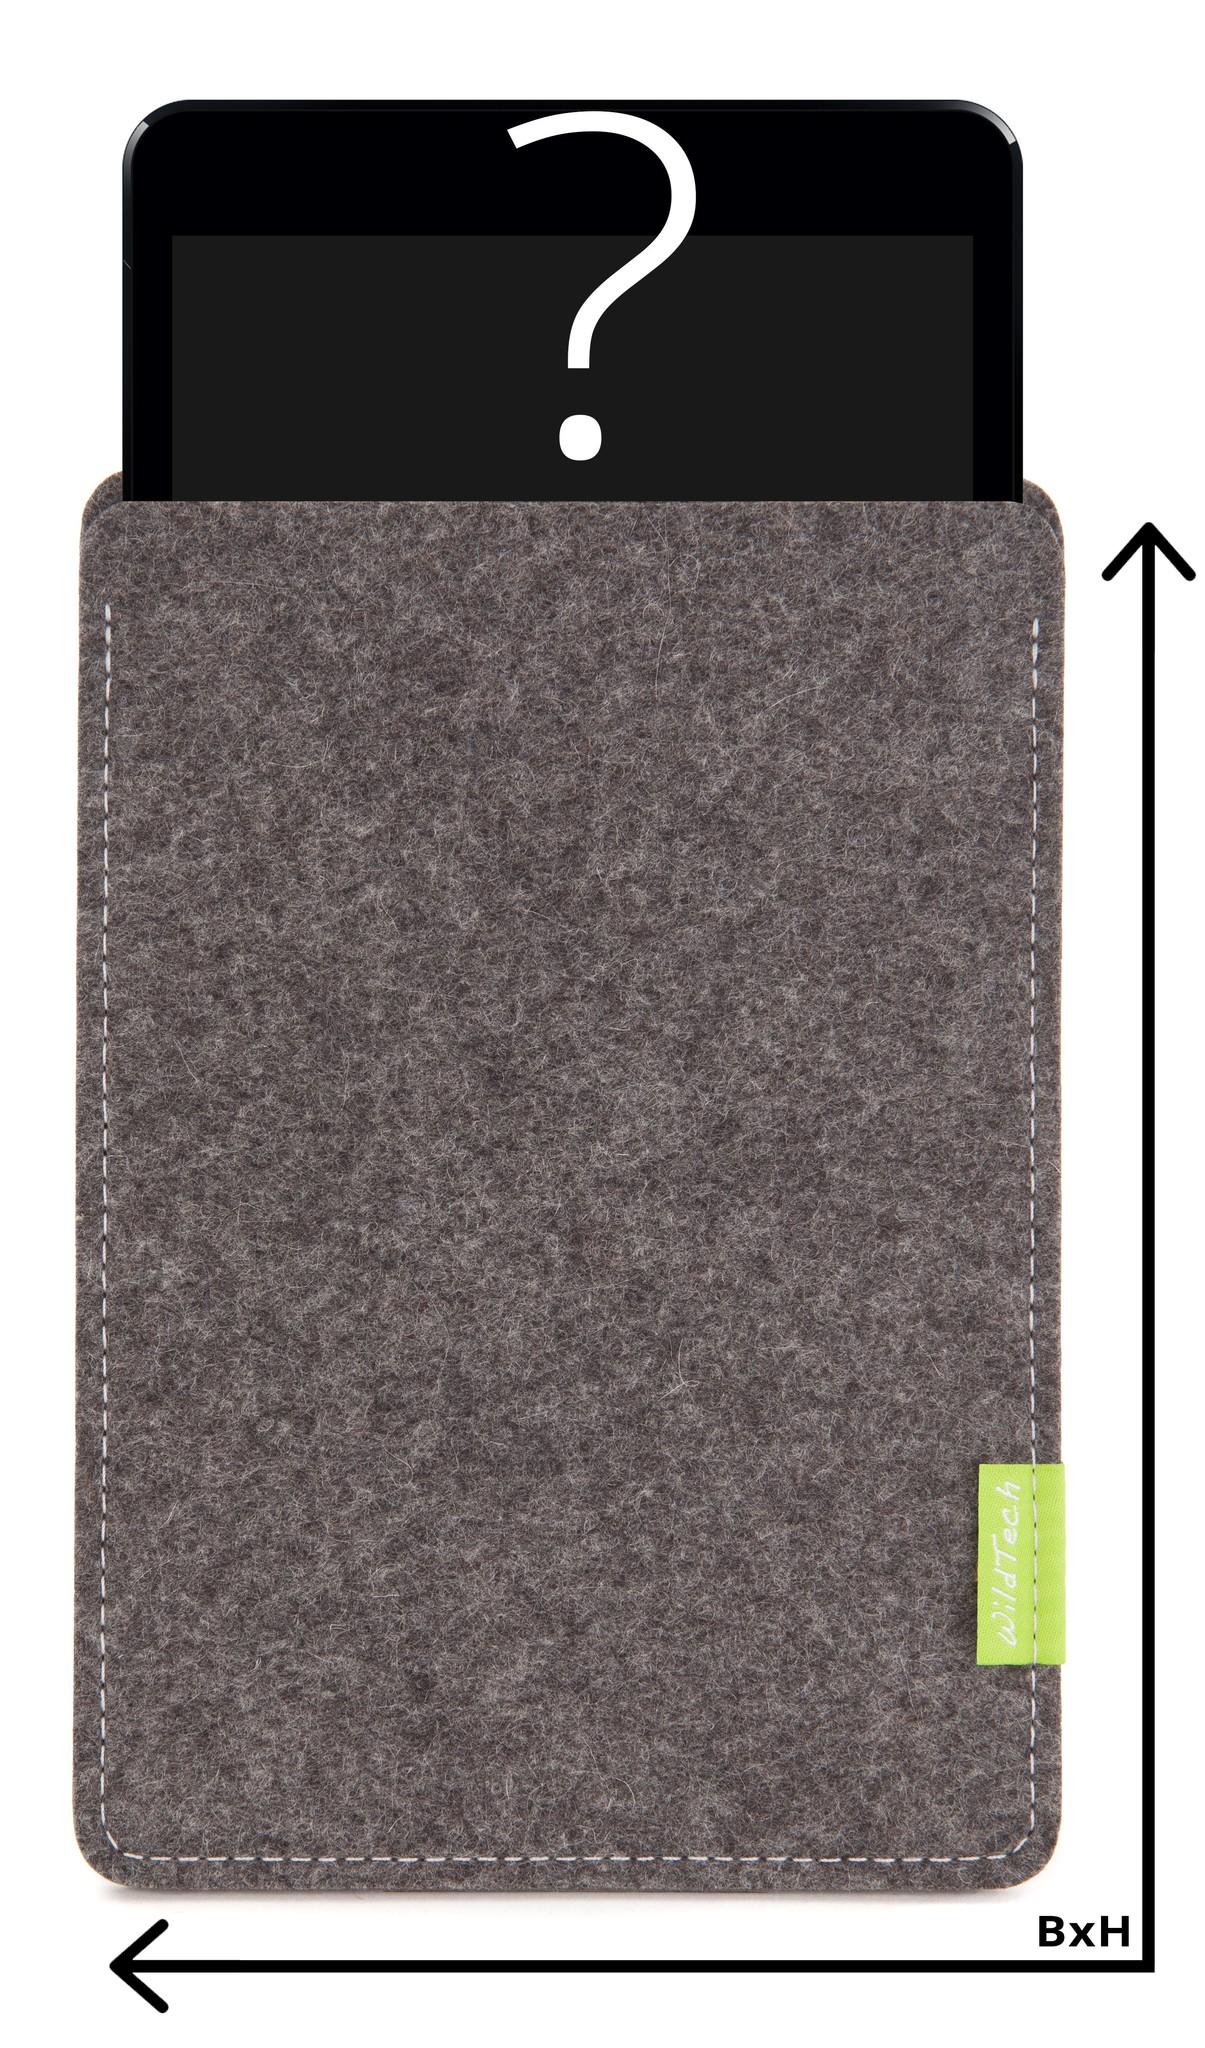 Individuelles Tablet Sleeve Grau-1